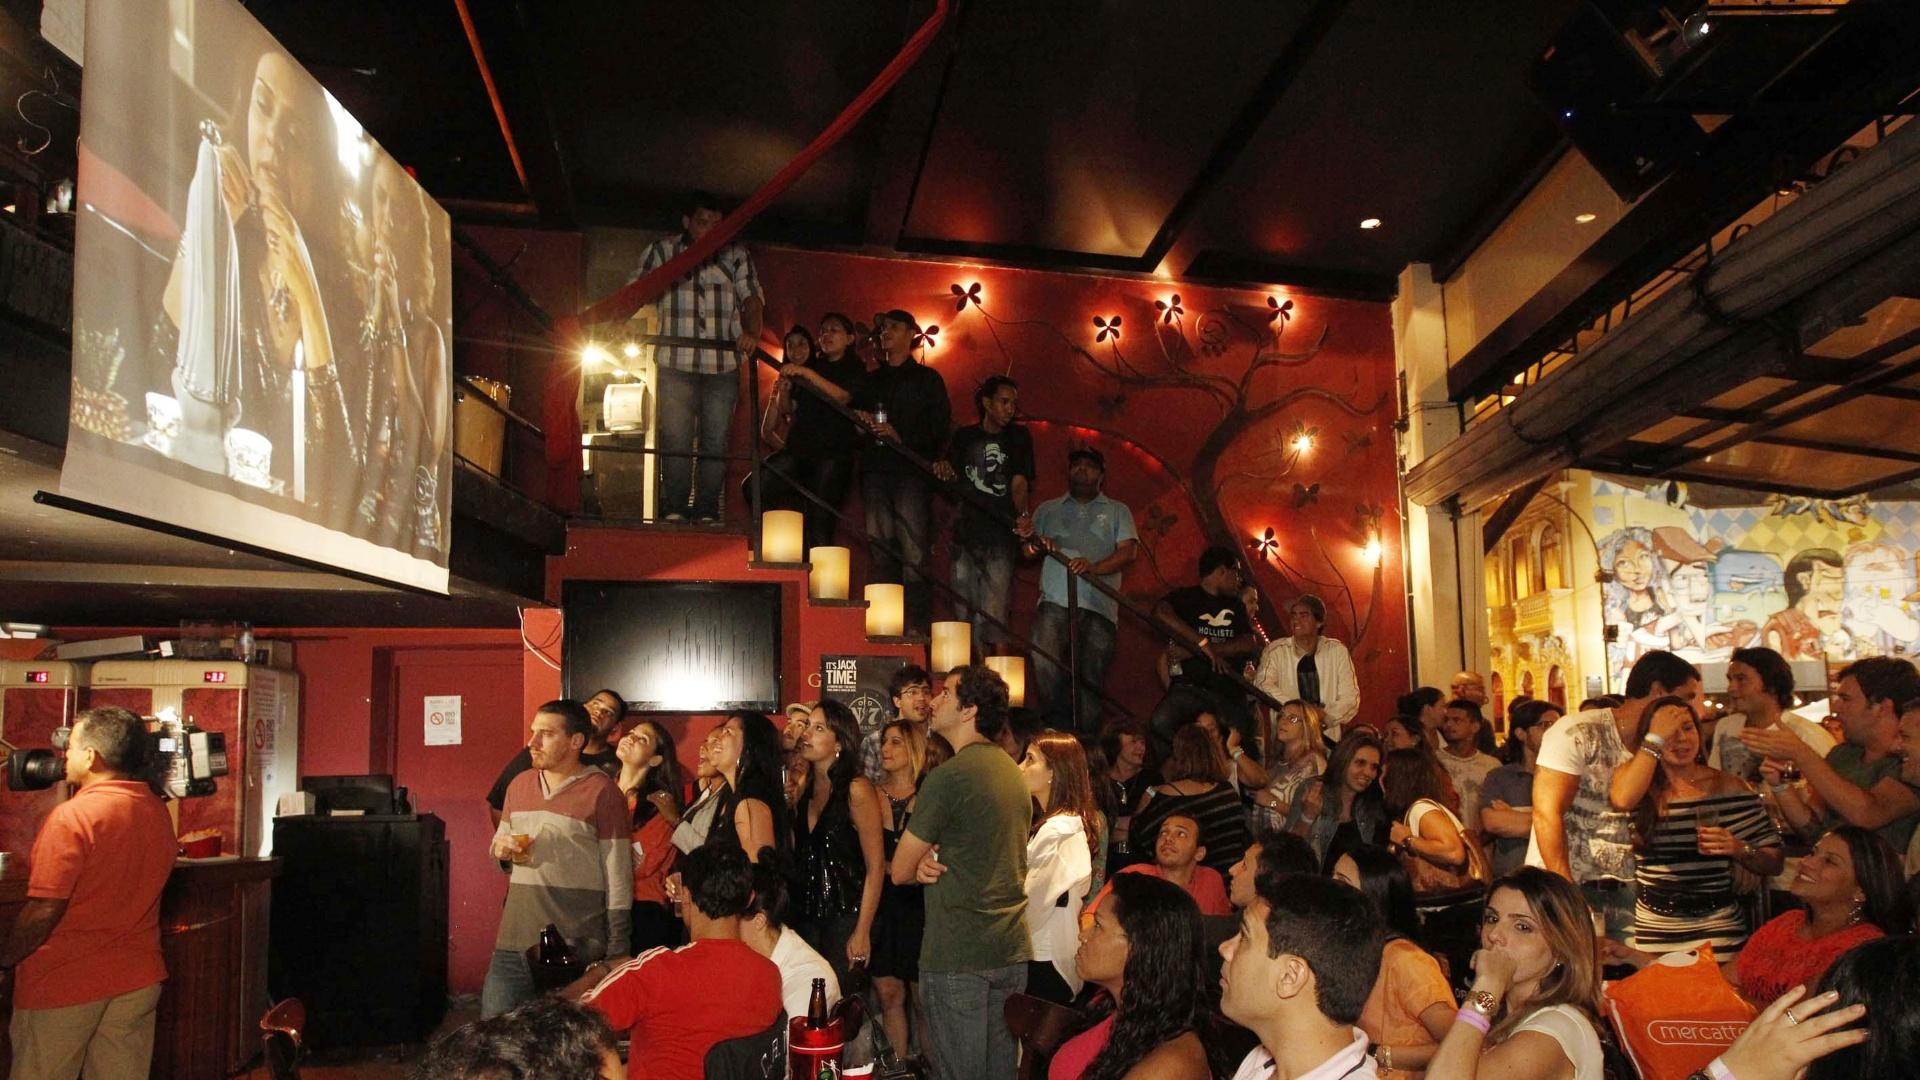 ... Avenida Brasil em restaurante no bairro da Lapa, no centro do Rio de